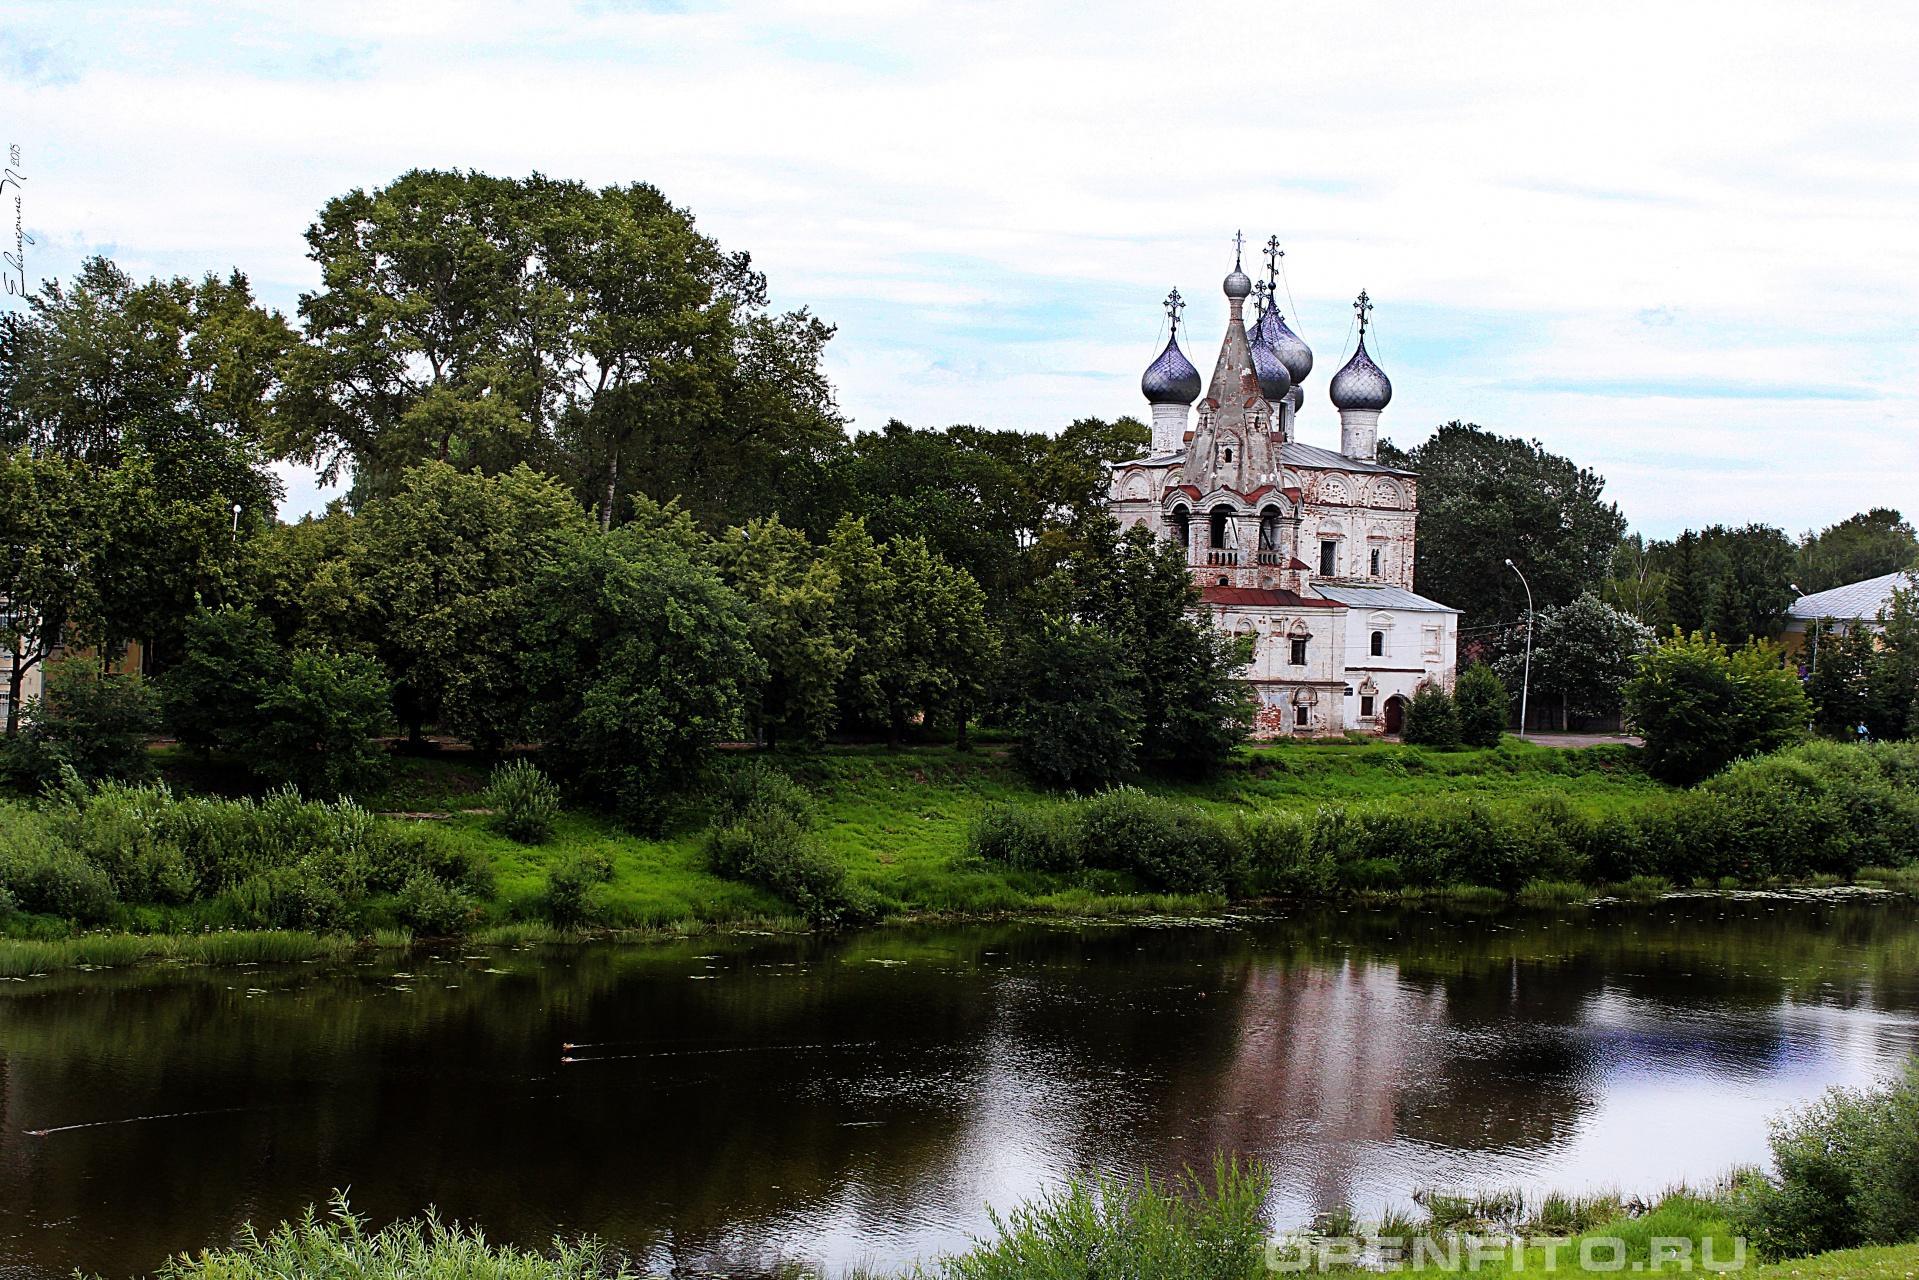 Церковь Константина и Елены Церковь Константина и Елены, город Вологда, Вологодская область